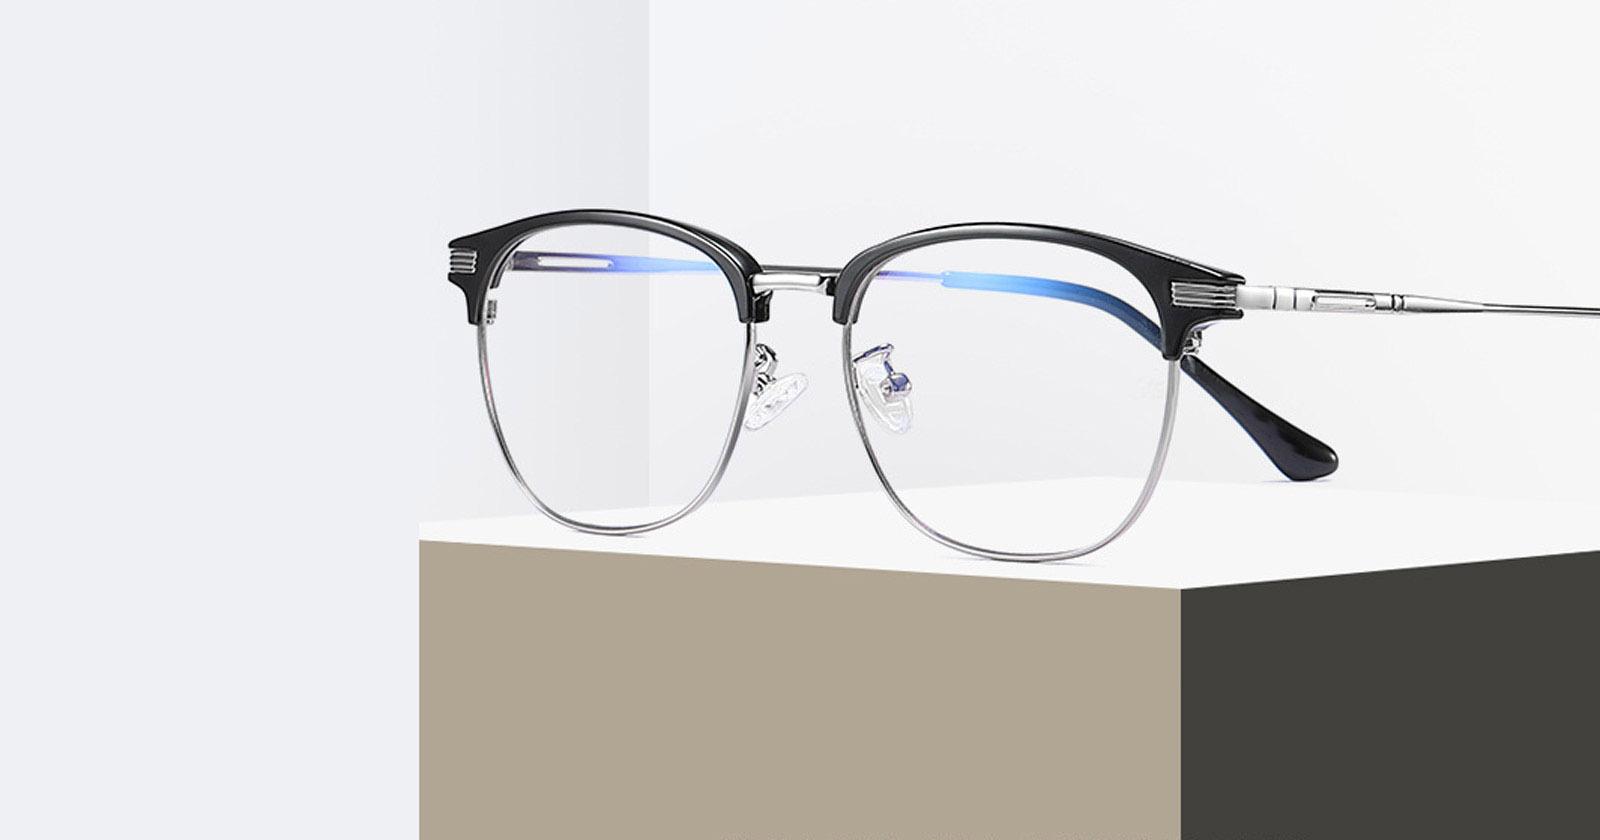 Clear Non-prescription Eyeglasses Guide